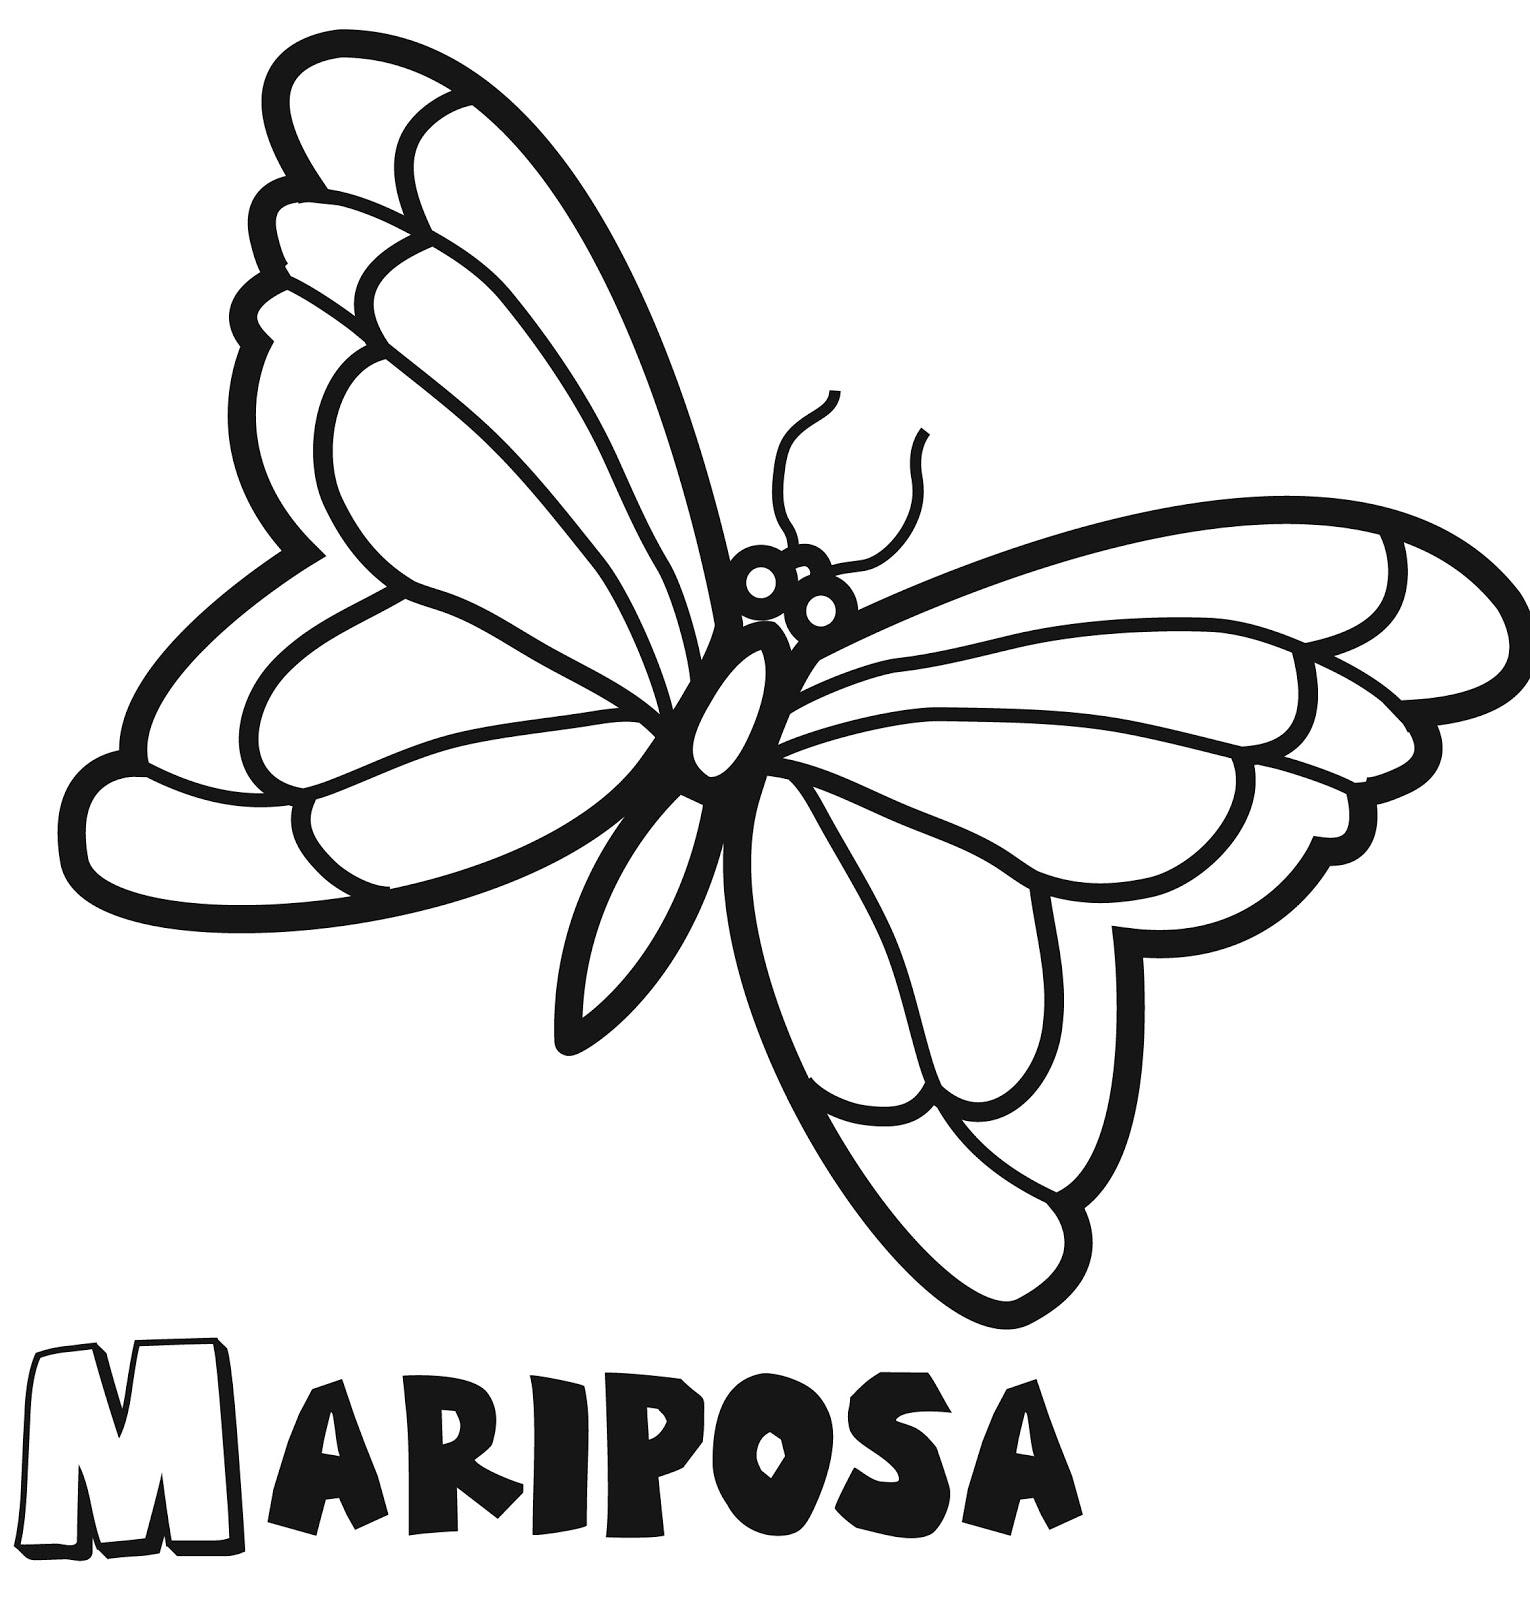 Imagenes De Dibujos De Mariposas